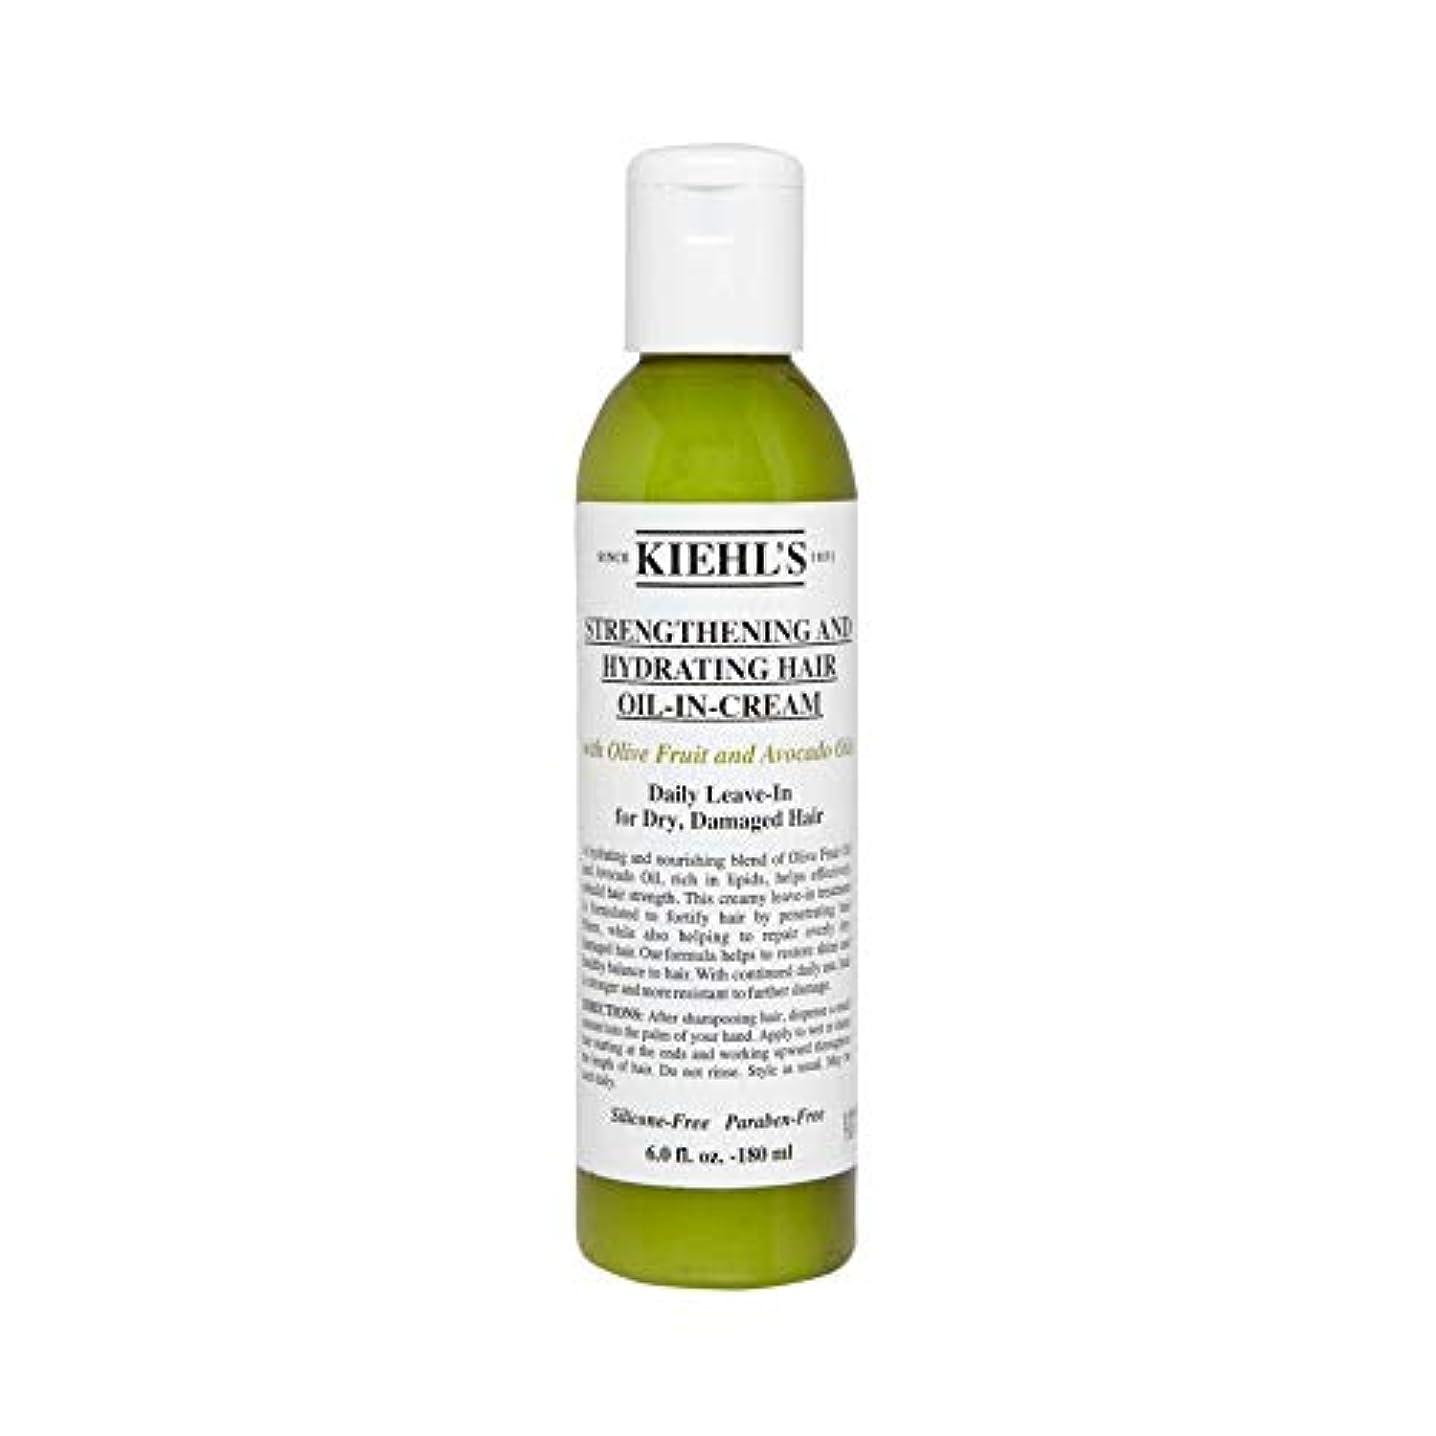 路地誓い一緒[Kiehl's ] キールズオリーブフルーツオイル深くRepairative髪Pak 250ミリリットル - Kiehl's Olive Fruit Oil Deeply Repairative Hair Pak 250ml [並行輸入品]